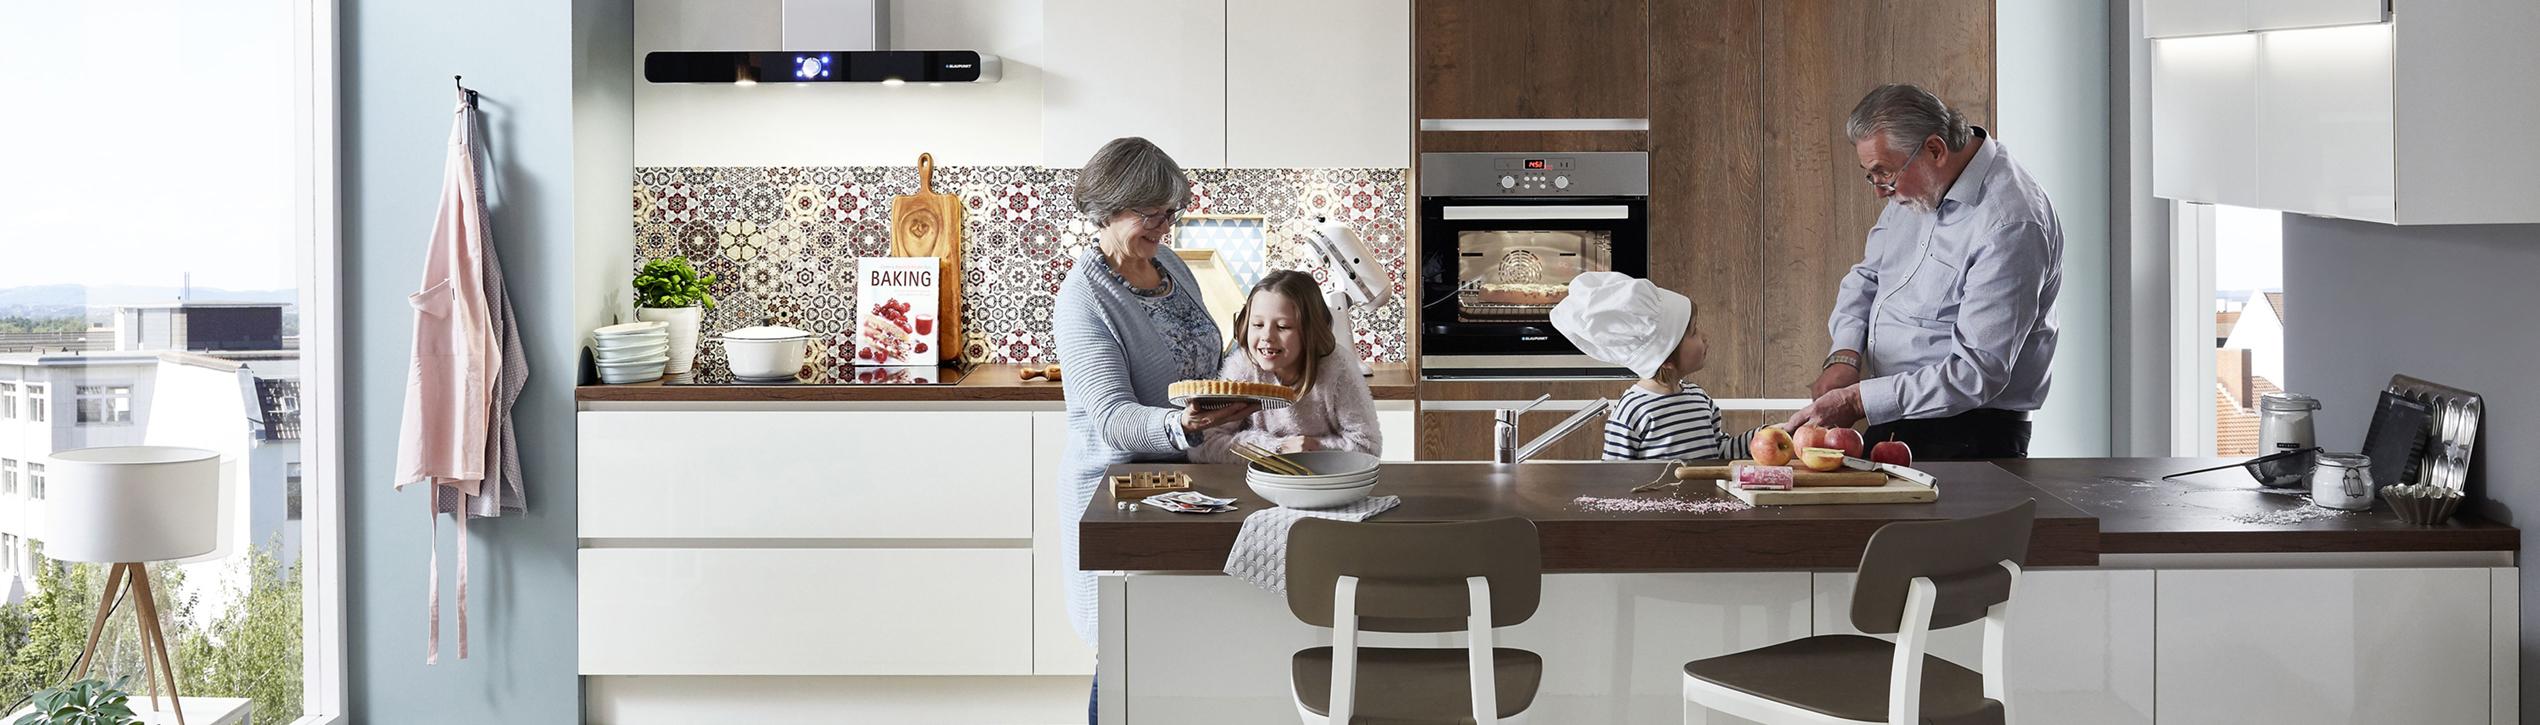 SAAR Küchen - Ihr Partner beim Küchenkauf - Klasse, die sich ...